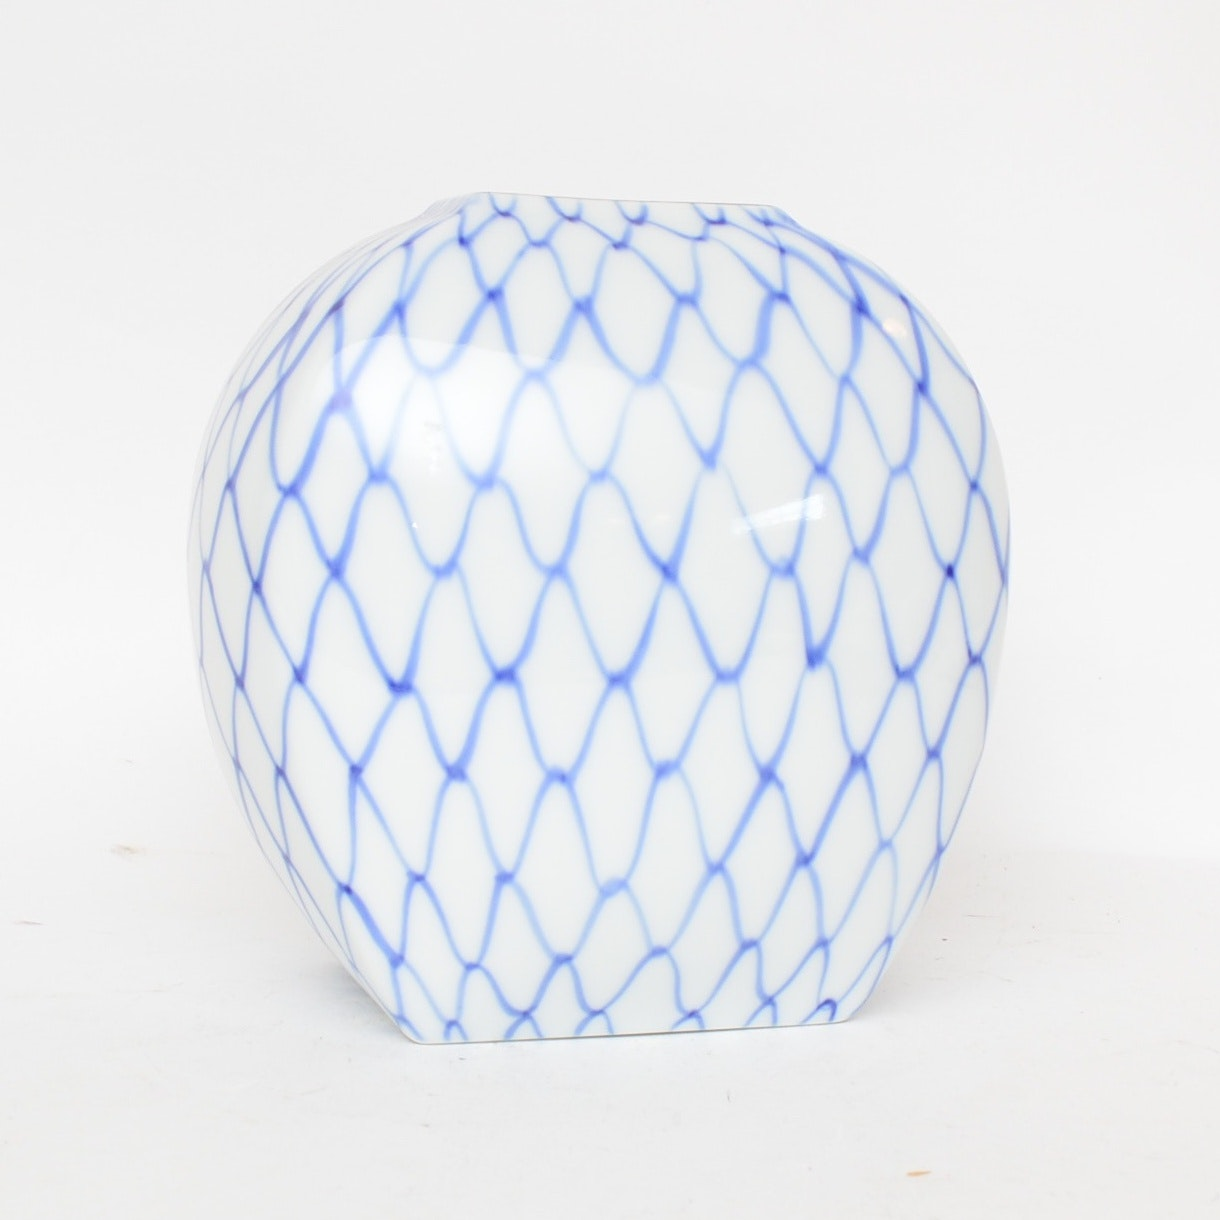 Japanese Fujikawa Blue and White Porcelain Vase